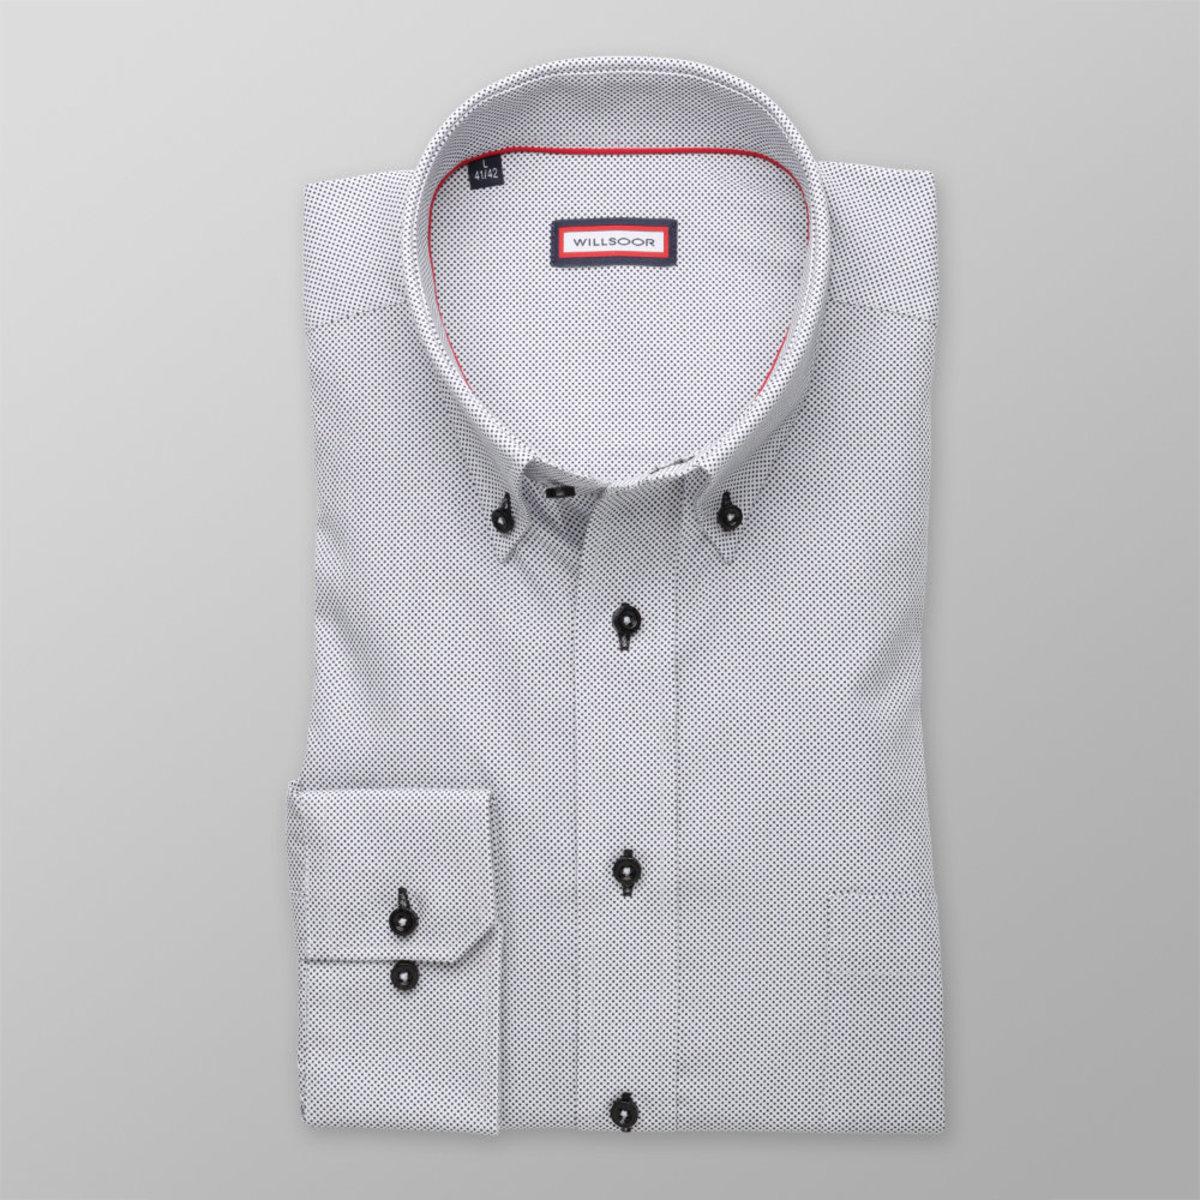 Pánská klasická košile (výška 176-182) 8345 v bílé barvě s puntíčky 176-182 / L (41/42)